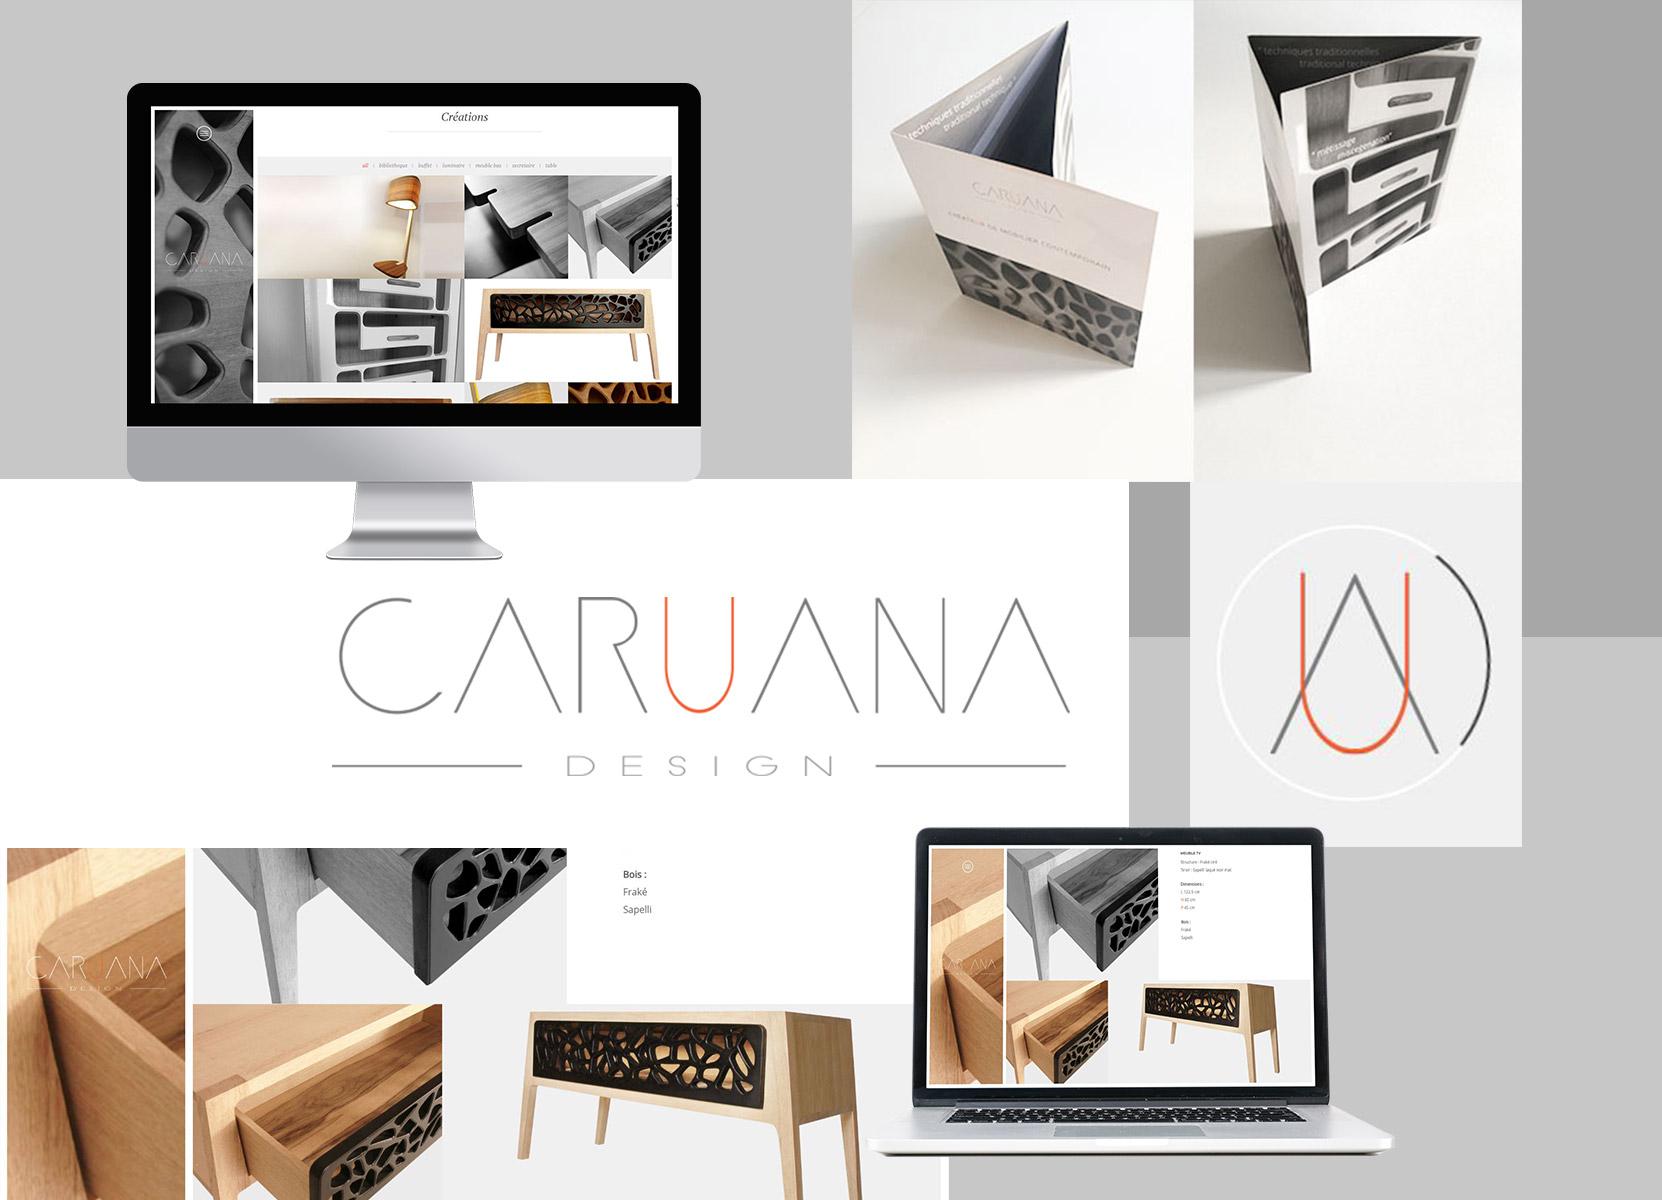 Caruana réalisation